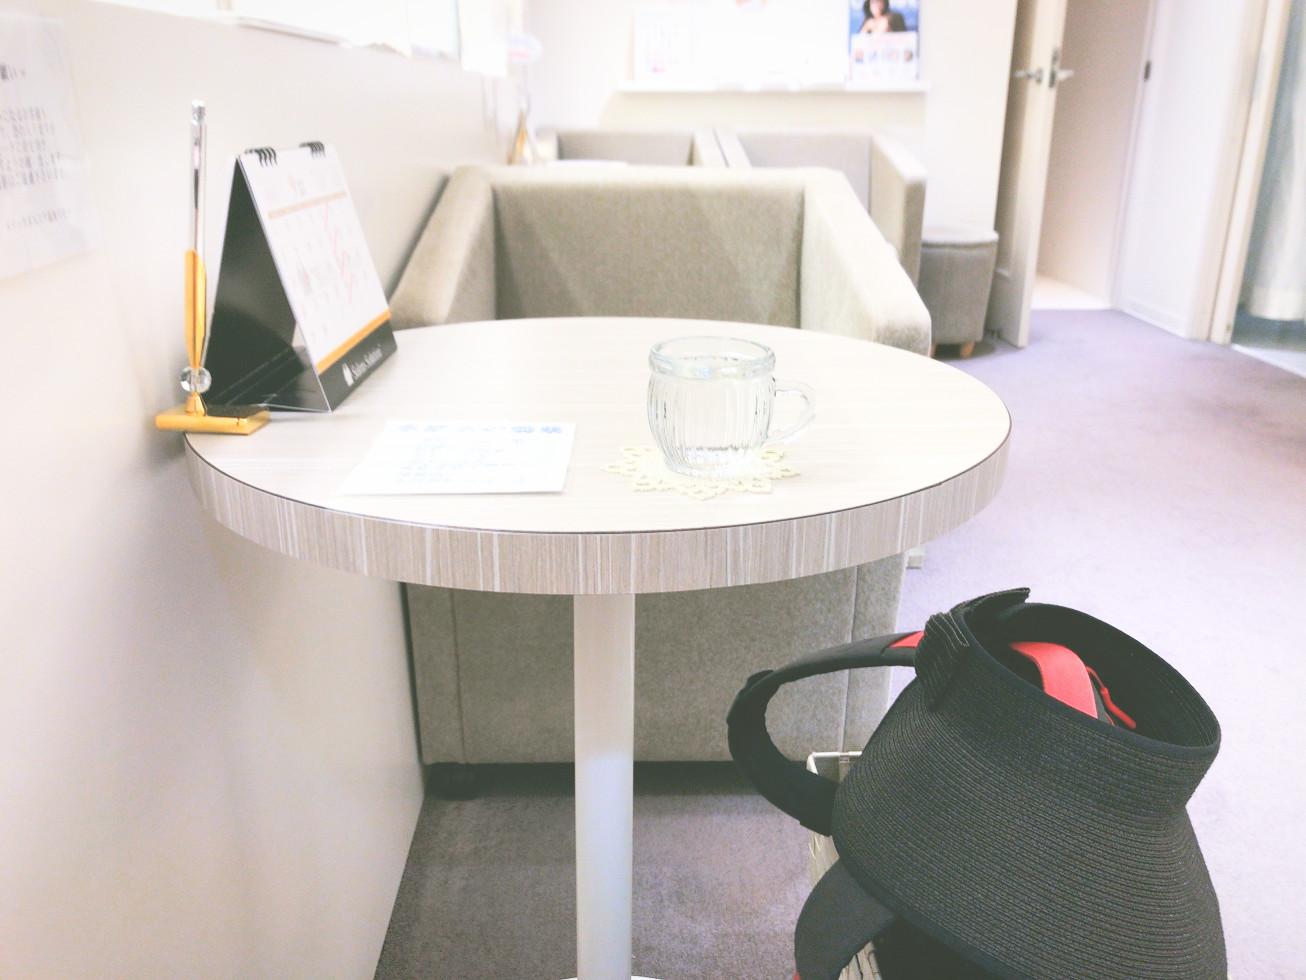 ドクターリセラ銀座店初回体験クチコミレポ